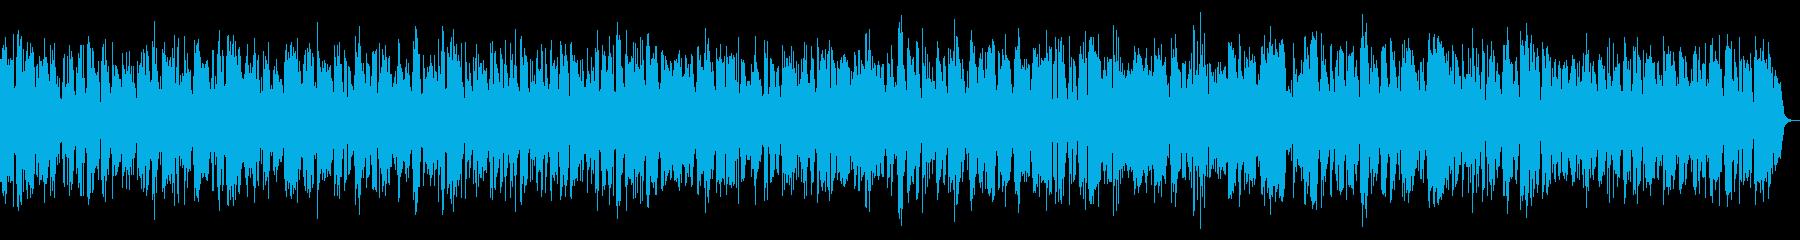 コミカルで明るいクラリネットジャズ8分の再生済みの波形